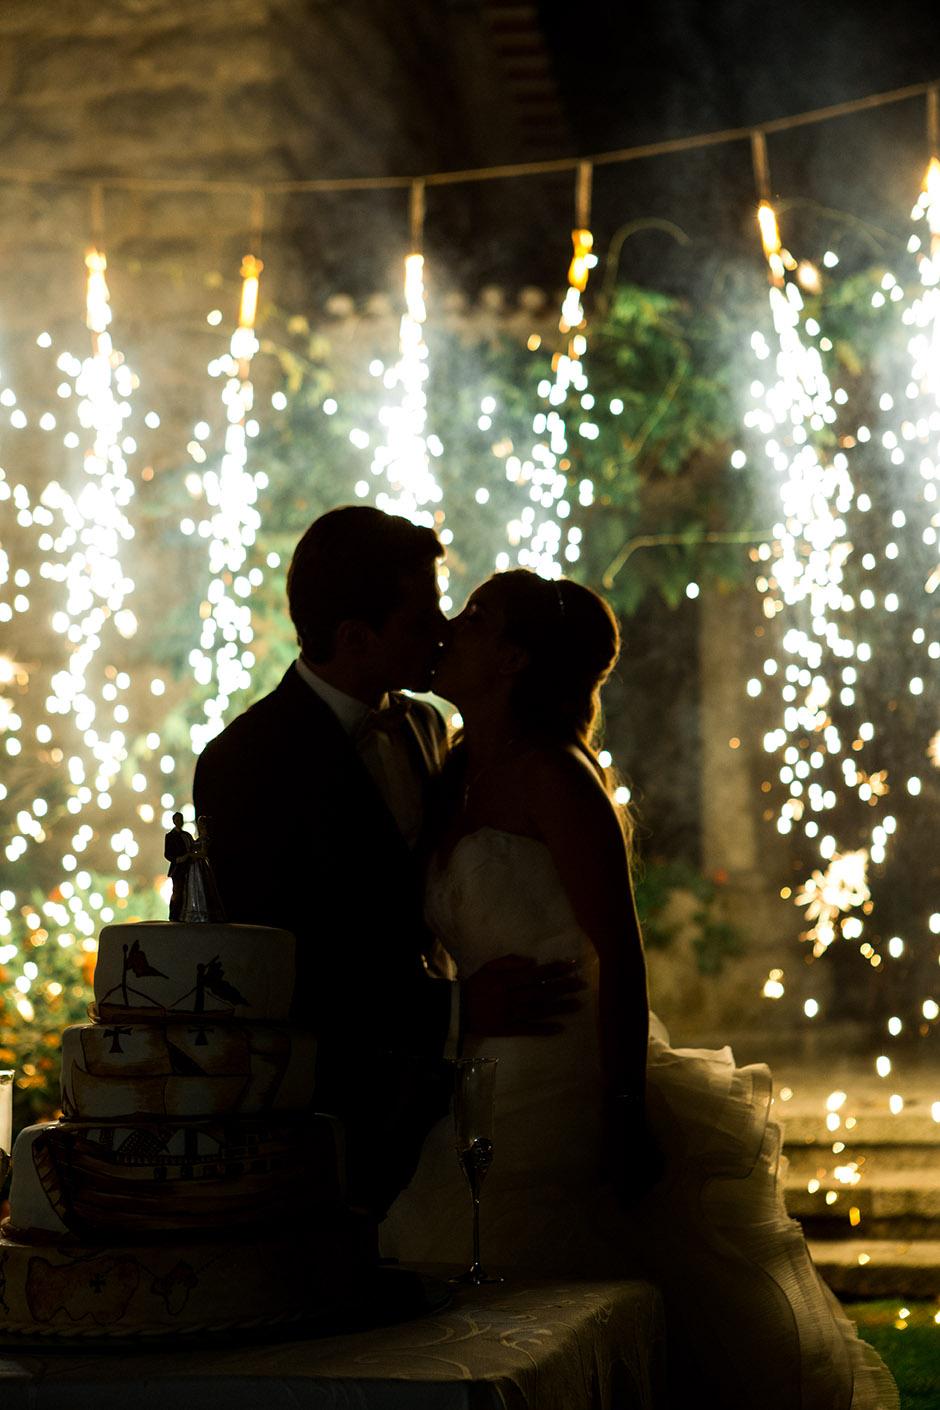 049 Jaime Neto Photography wedding Marta e Dario